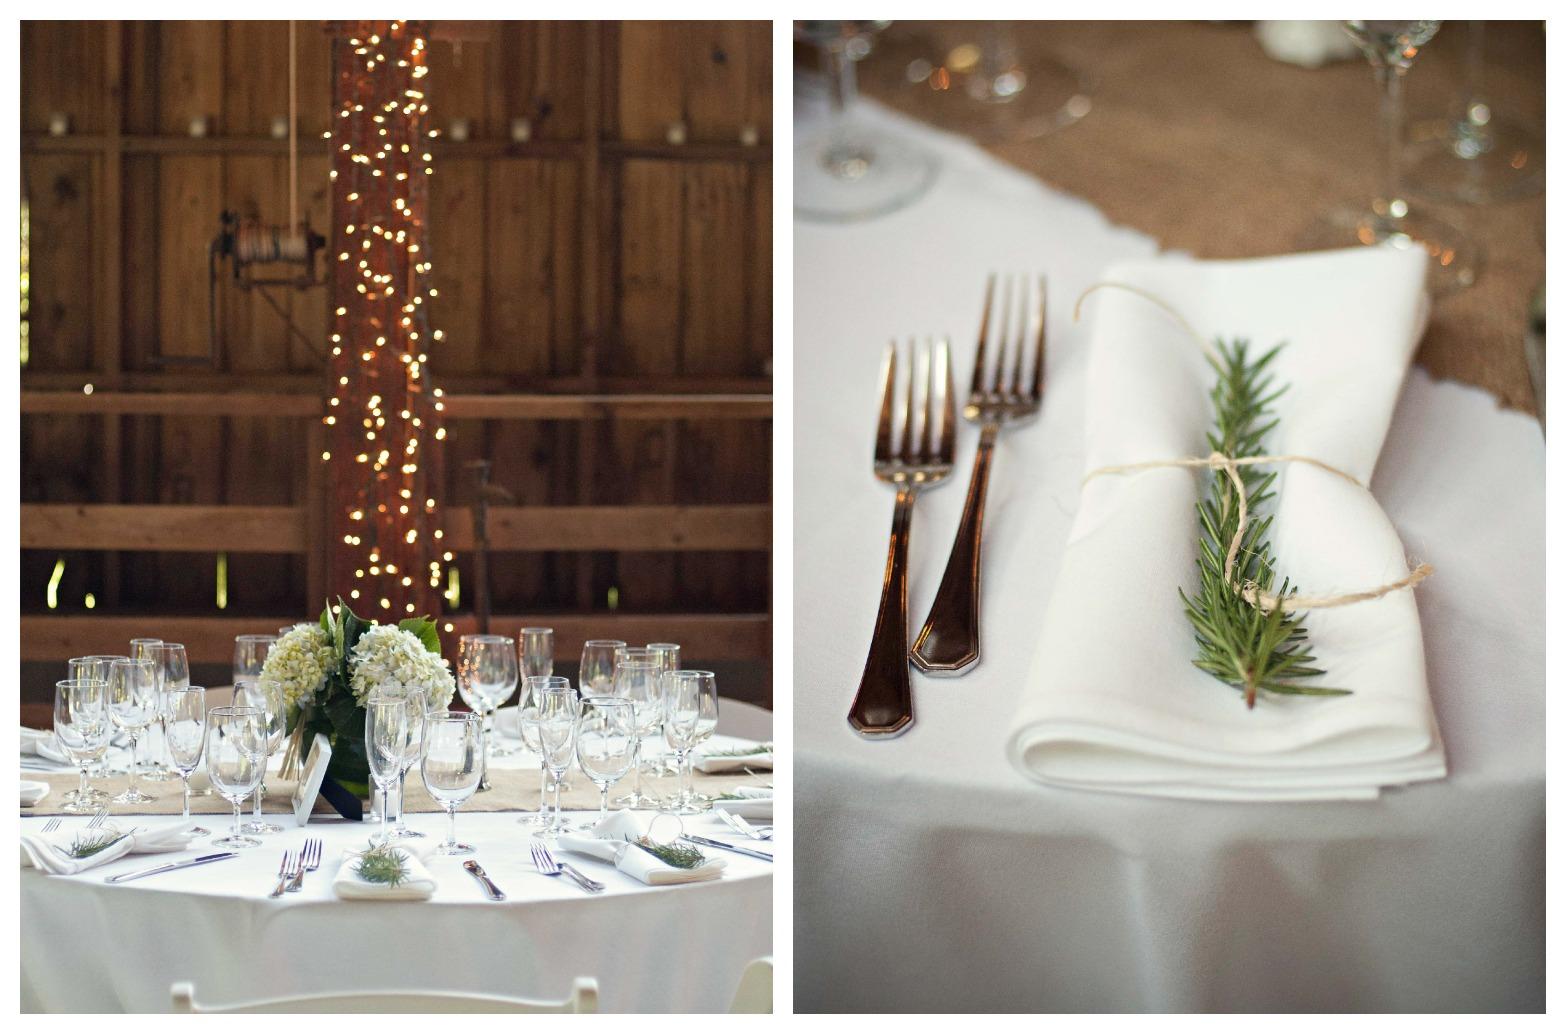 Elegant Country Rustic Connecticut Barn Wedding Rustic Wedding Chic